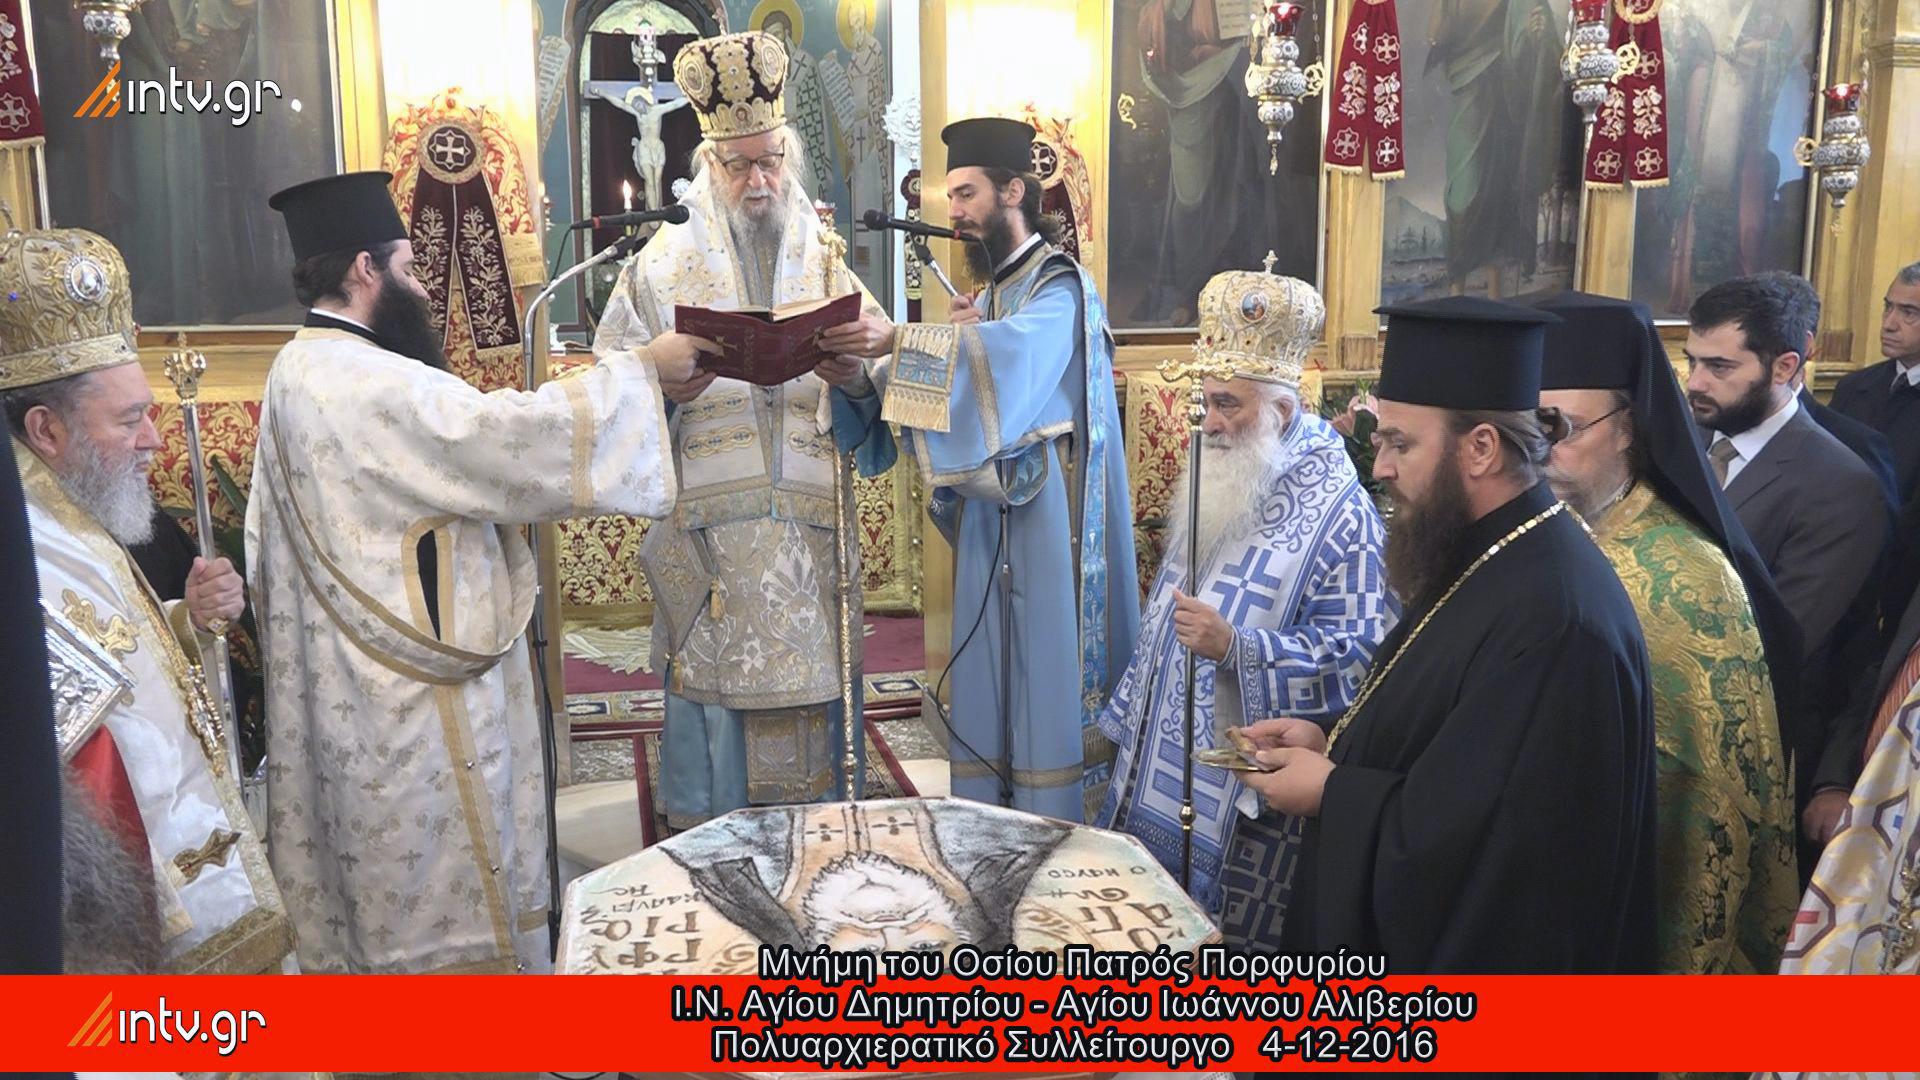 Μνήμη του Οσίου Πατρός Πορφυρίου - Ι.Ν. Αγίου Δημητρίου - Αγίου Ιωάννου Αλιβερίου - Πολυαρχιερατικό Συλλείτουργο